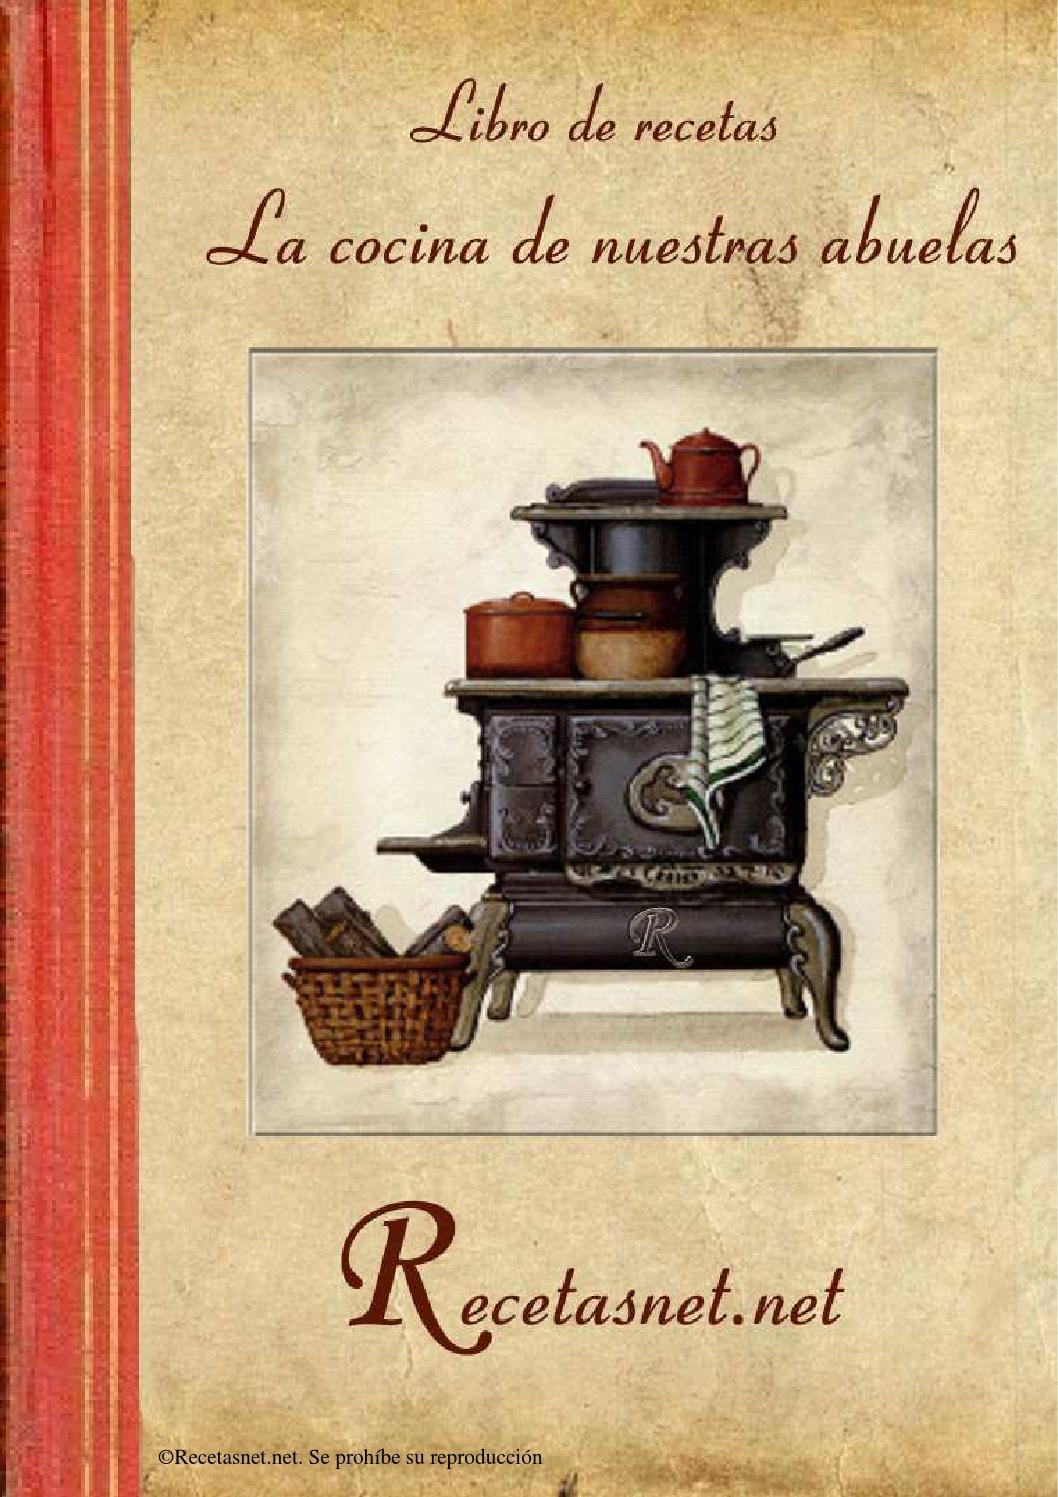 Libro la cocina de nuestras abuelas by RecetasNet - Issuu